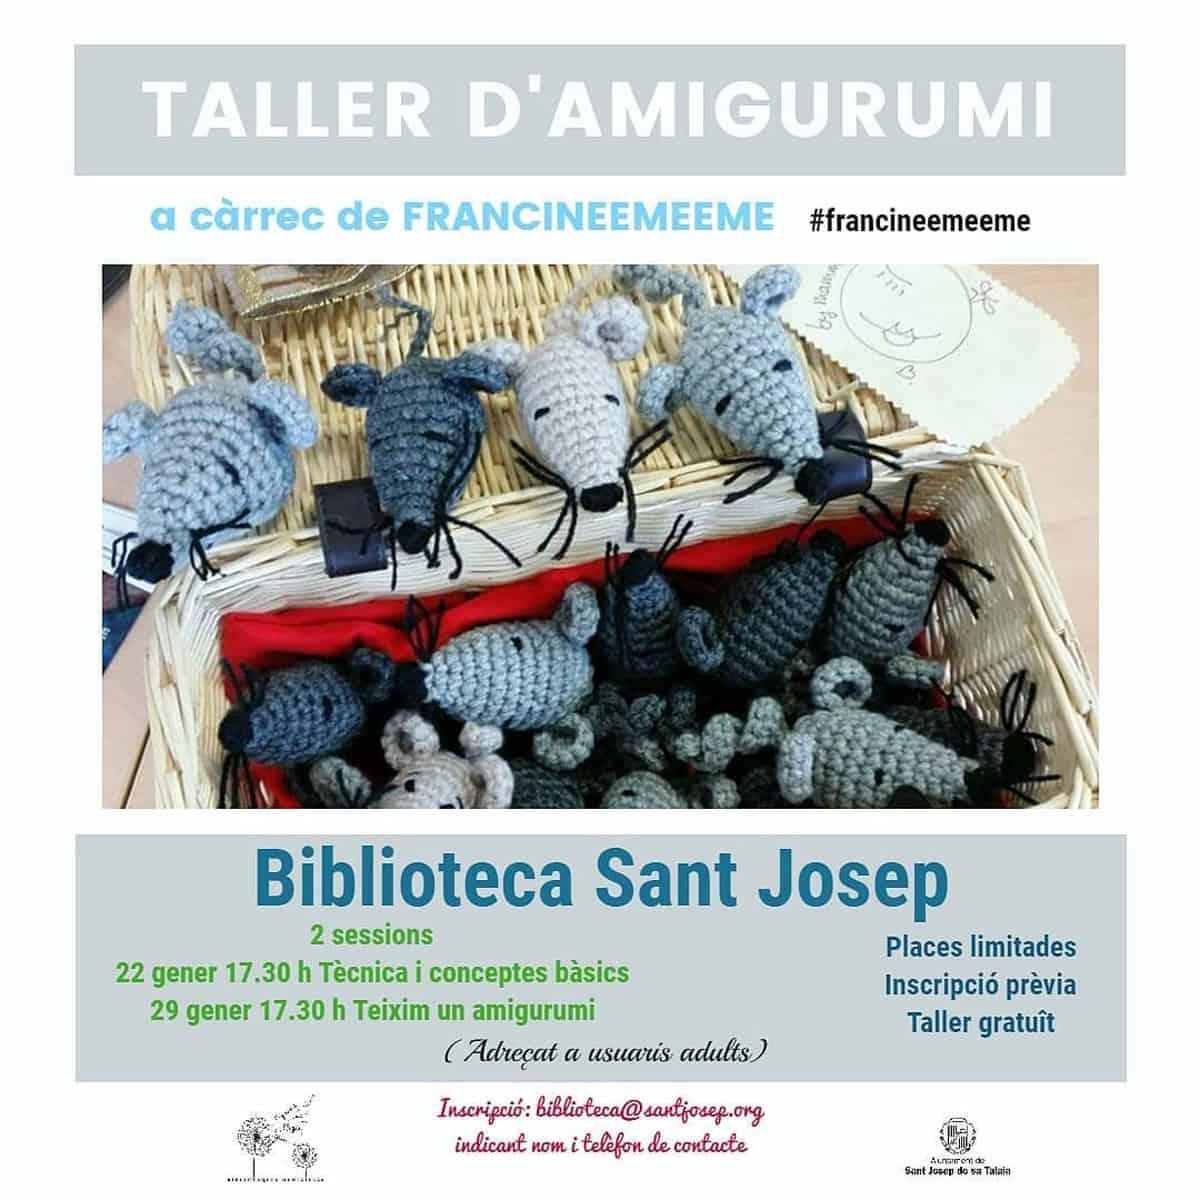 taller-de-amigurumi-biblioteca-san-jose-ibiza-2021-welcometoibiza